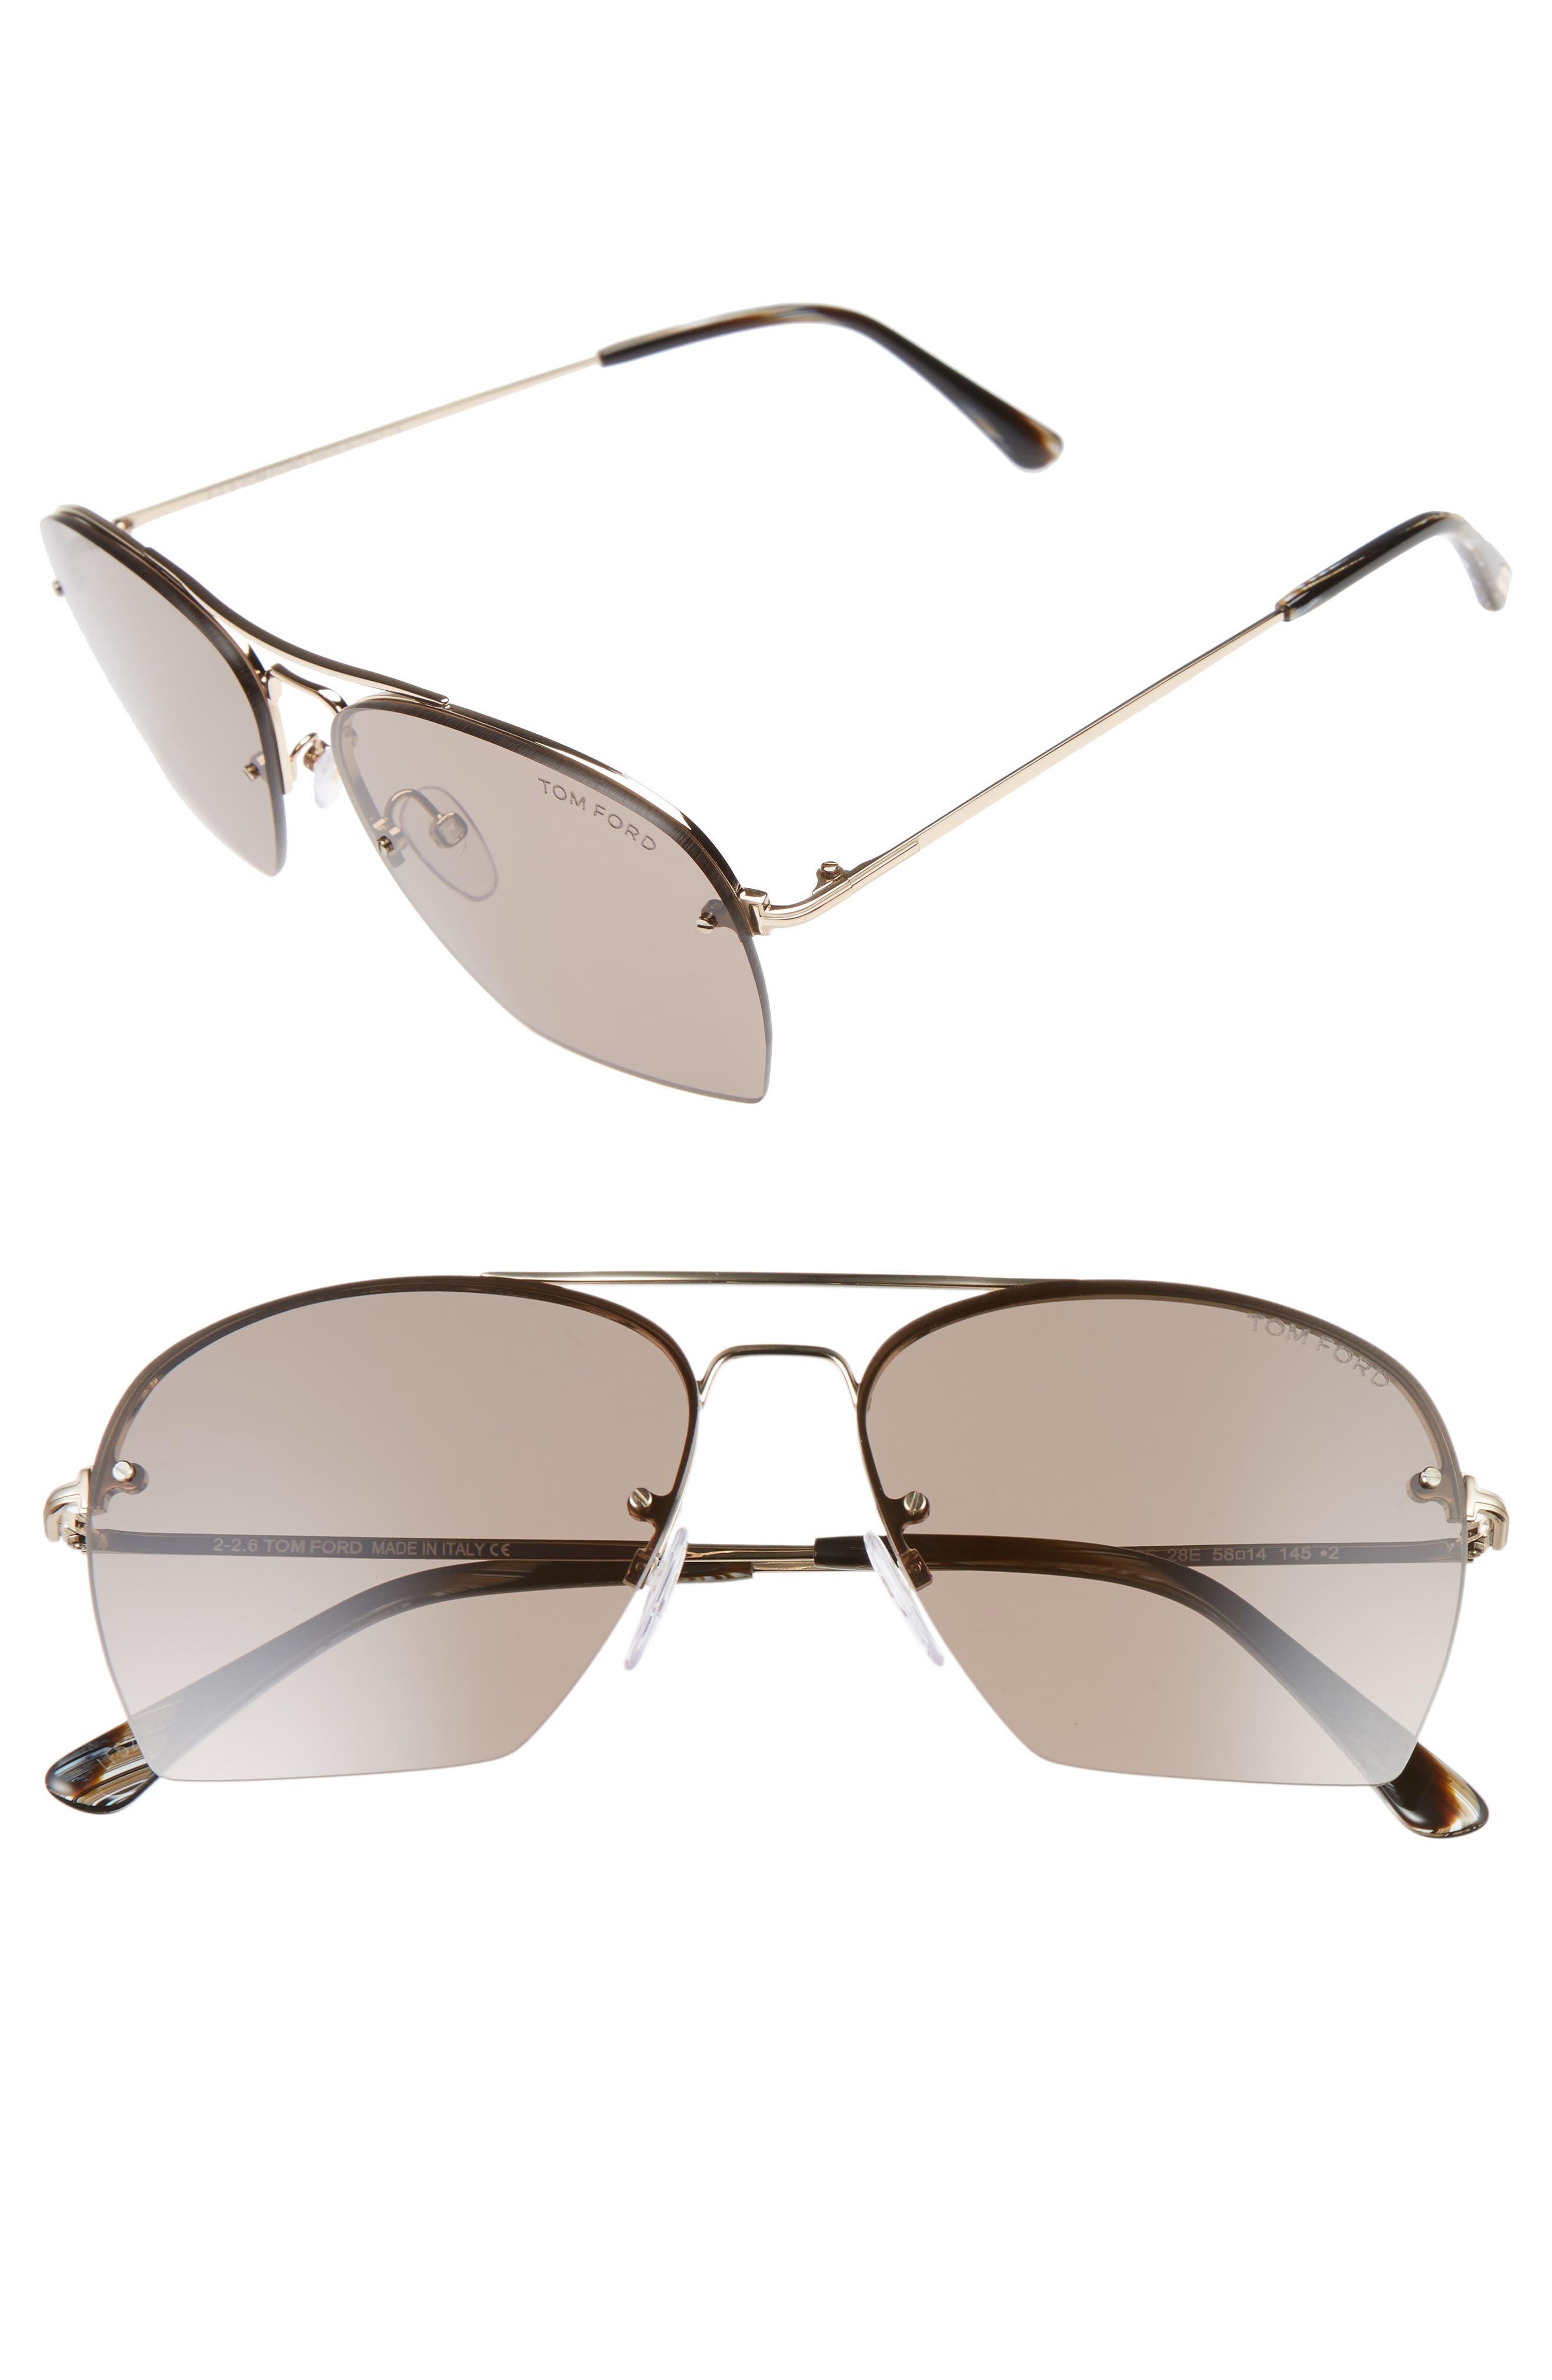 Alternate Image 1 Selected - Tom Ford Whelan 58mm Aviator Sunglasses